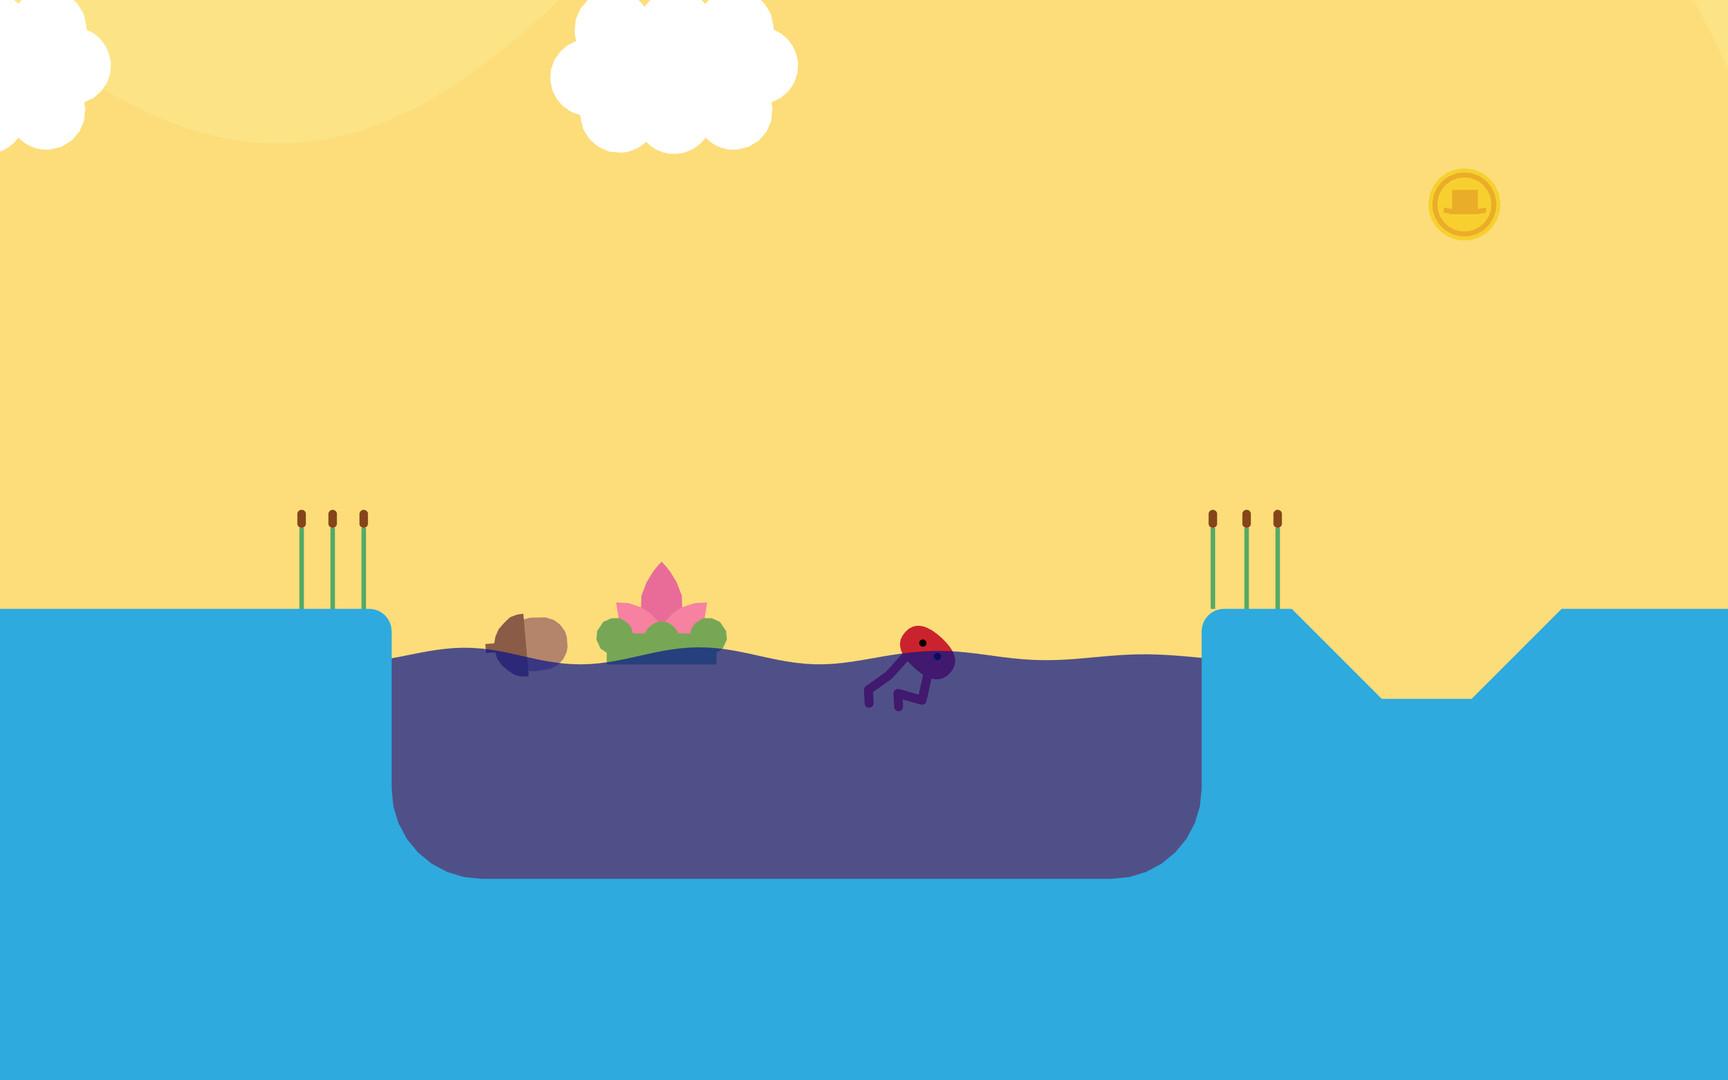 Pikuniku Screenshot 2